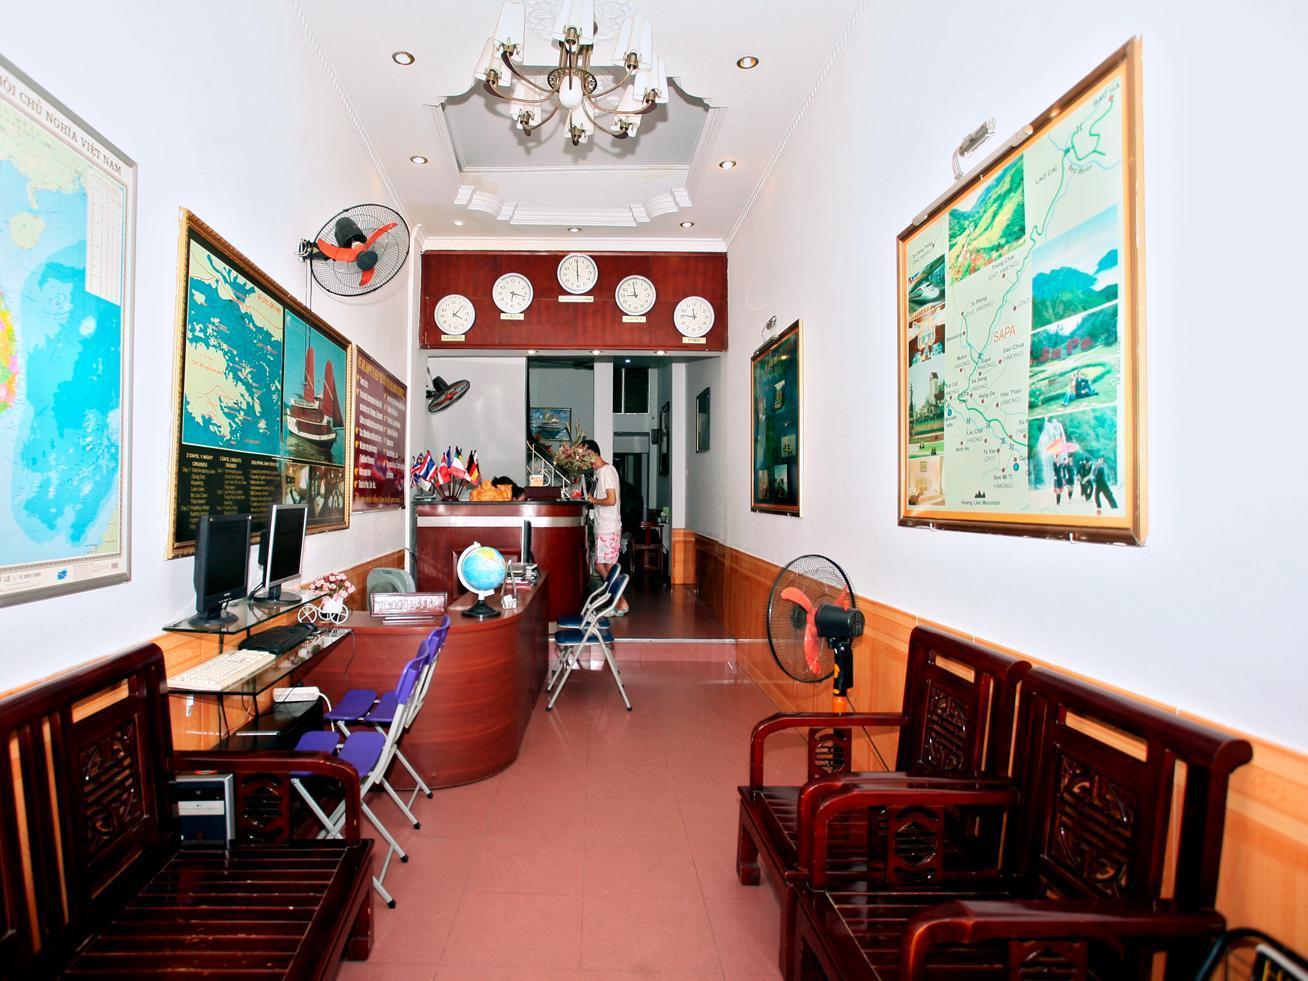 Green Street Hotel - Hotell och Boende i Vietnam , Hanoi